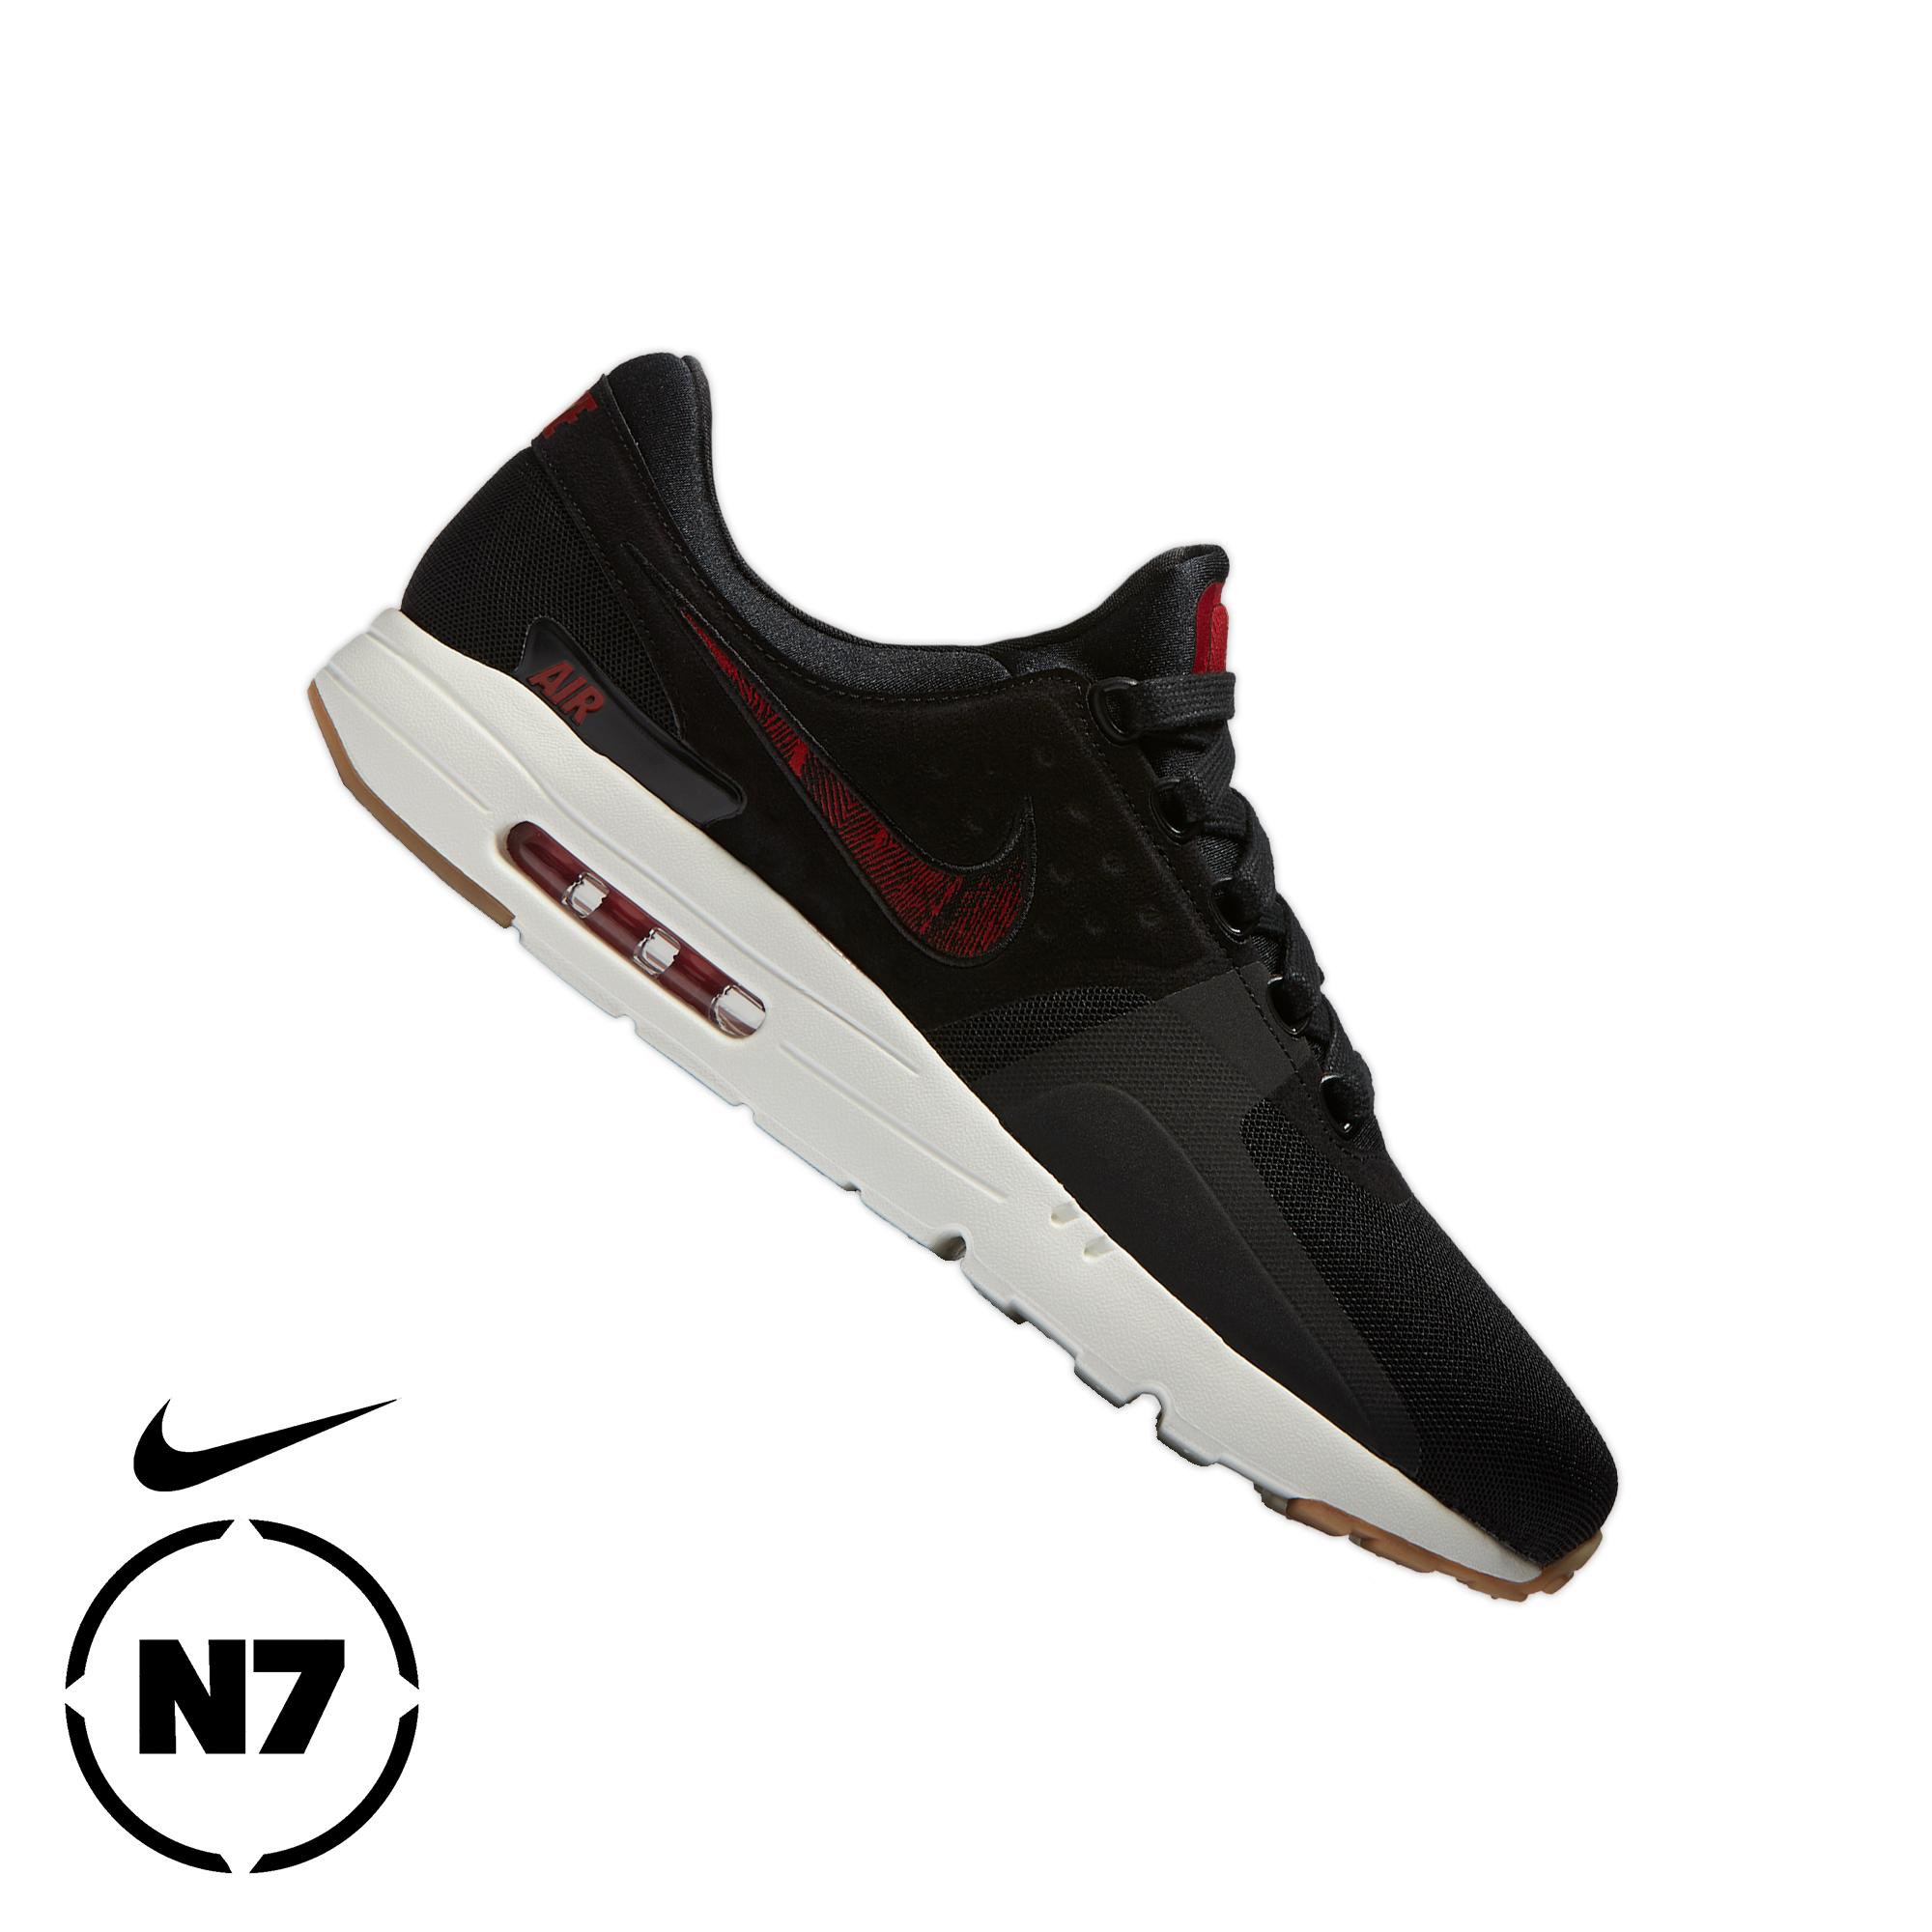 nike n7. shoe type nike n7